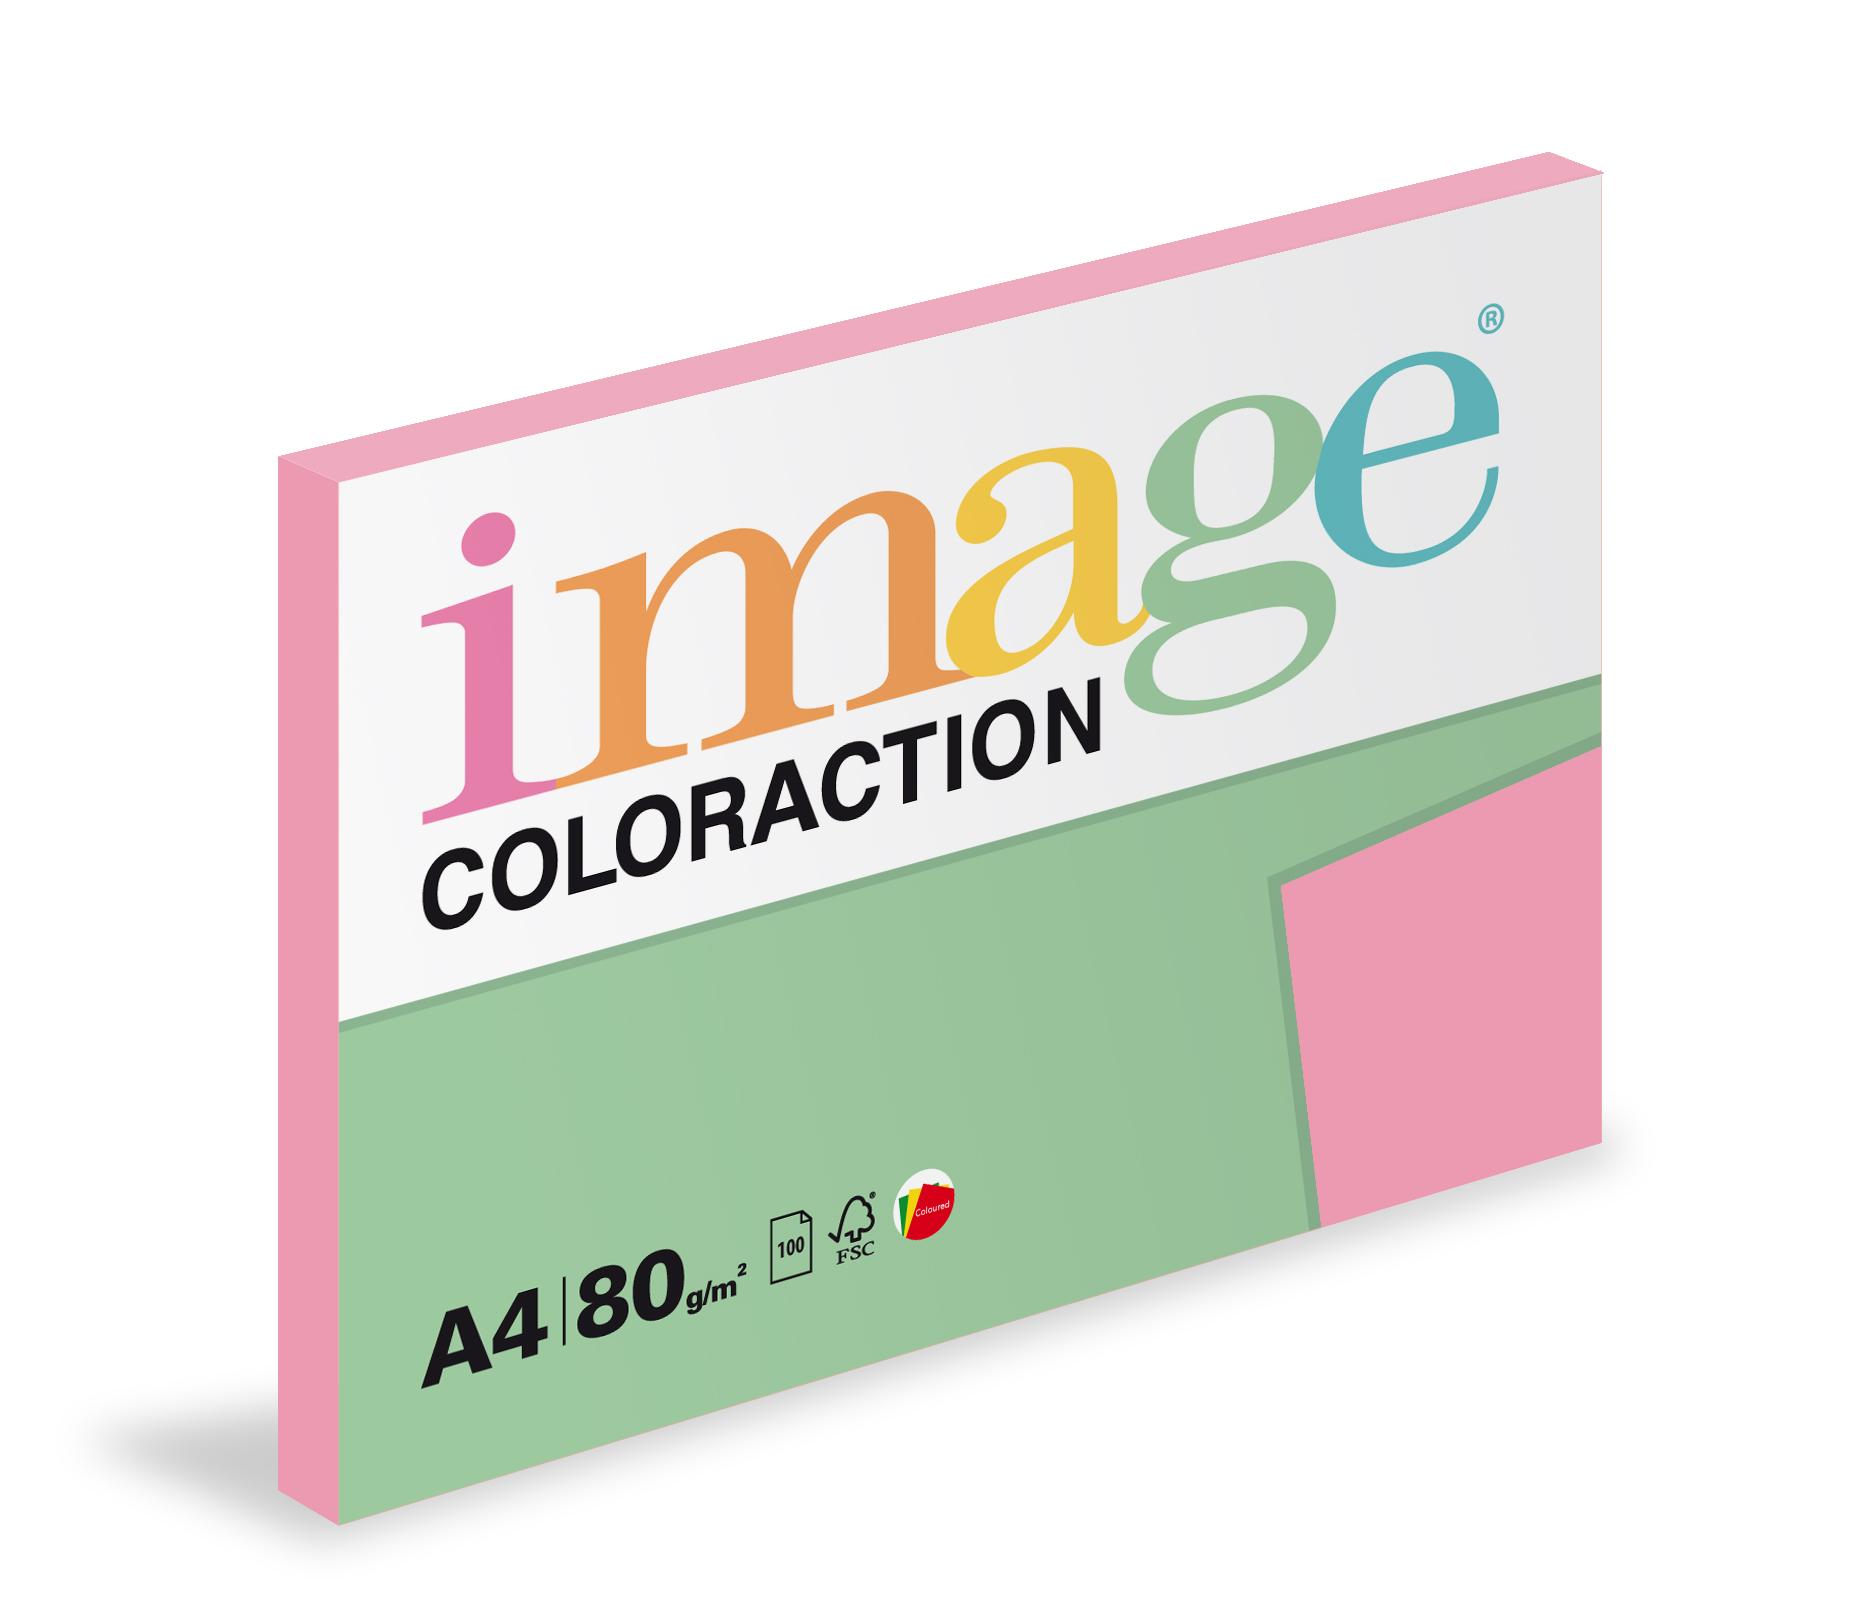 Xerografický papír barevný Coloraction 100 listů - PI25 coral / starorůžová / 100 listů